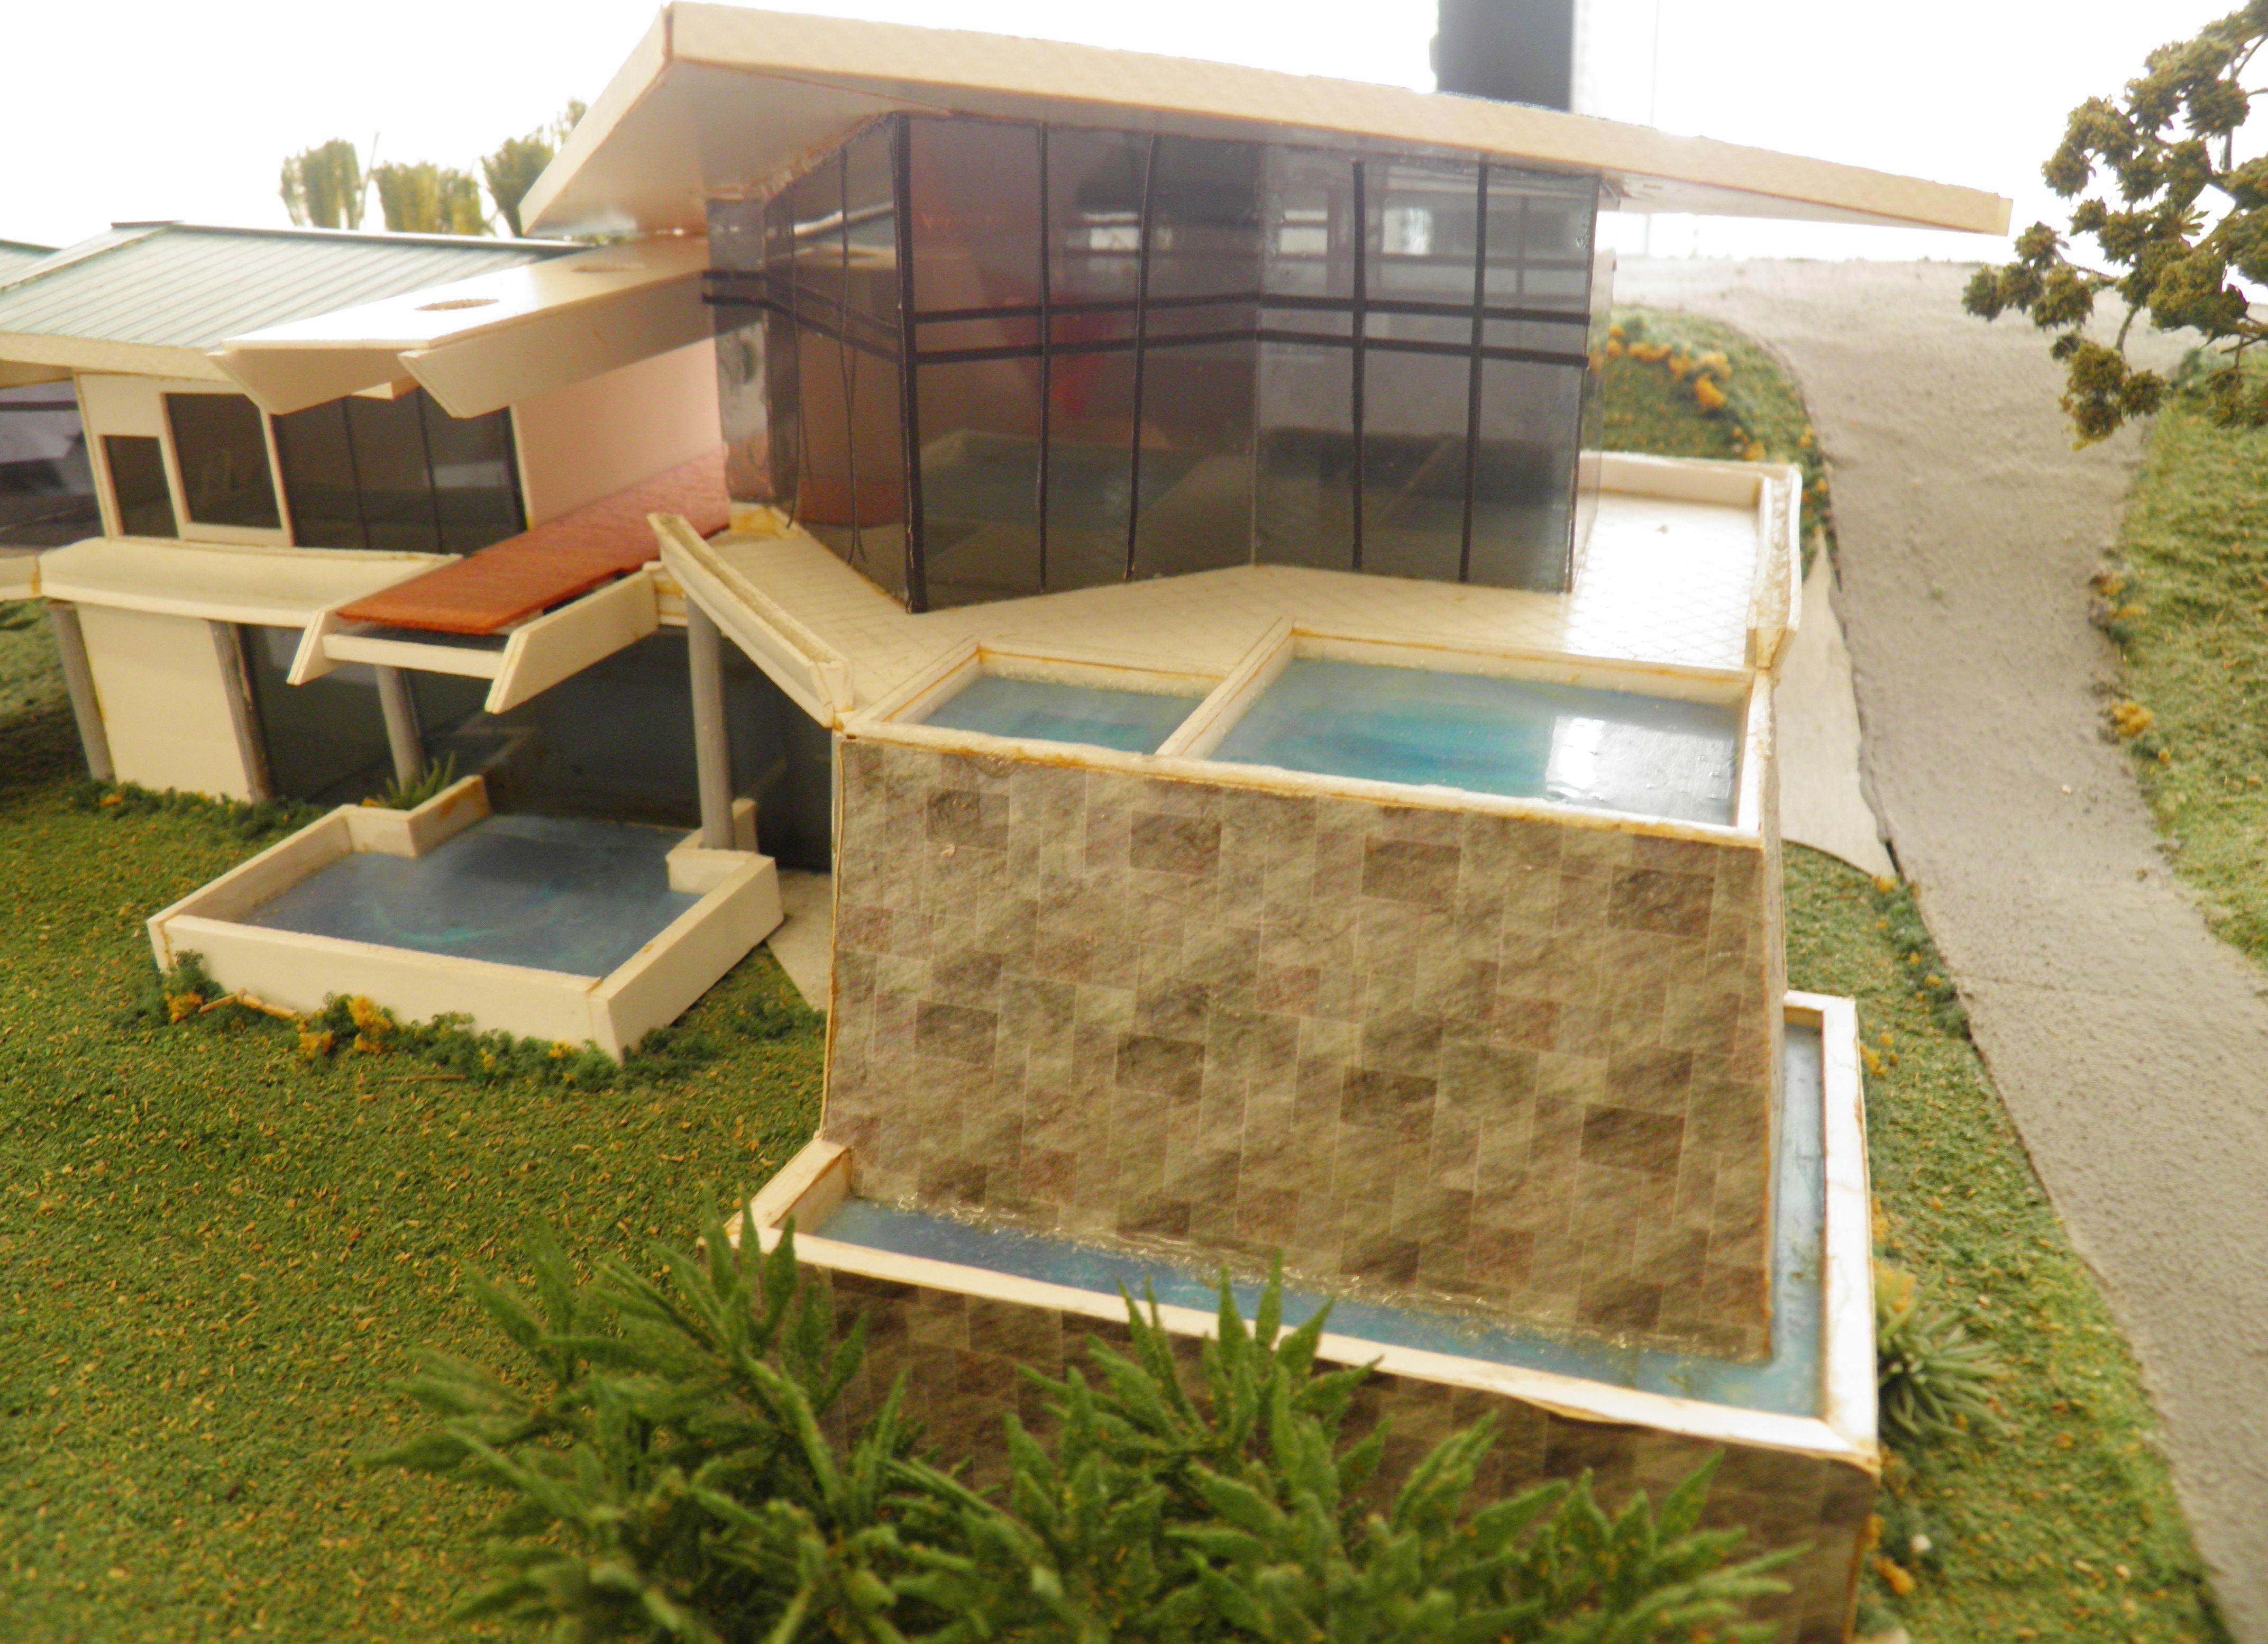 Maqueta casa las cascadas maquetas pinterest for Casa minimalista maqueta